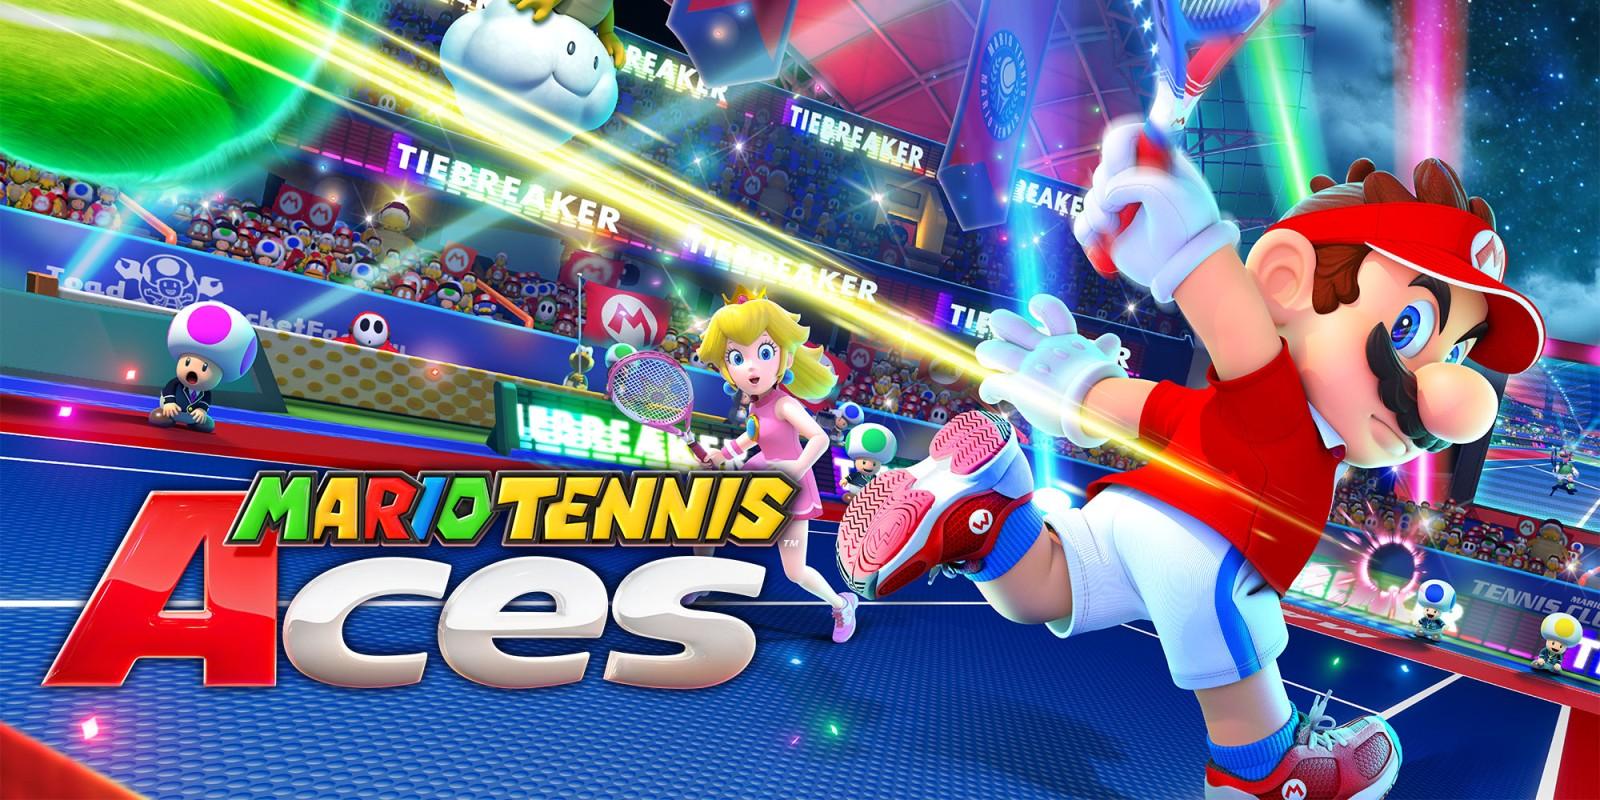 Europa: Mario Tennis Aces ganha versão gratuita limitada para os assinantes do Nintendo Switch Online, jogo está com 30% de desconto na eShop por tempo limitado